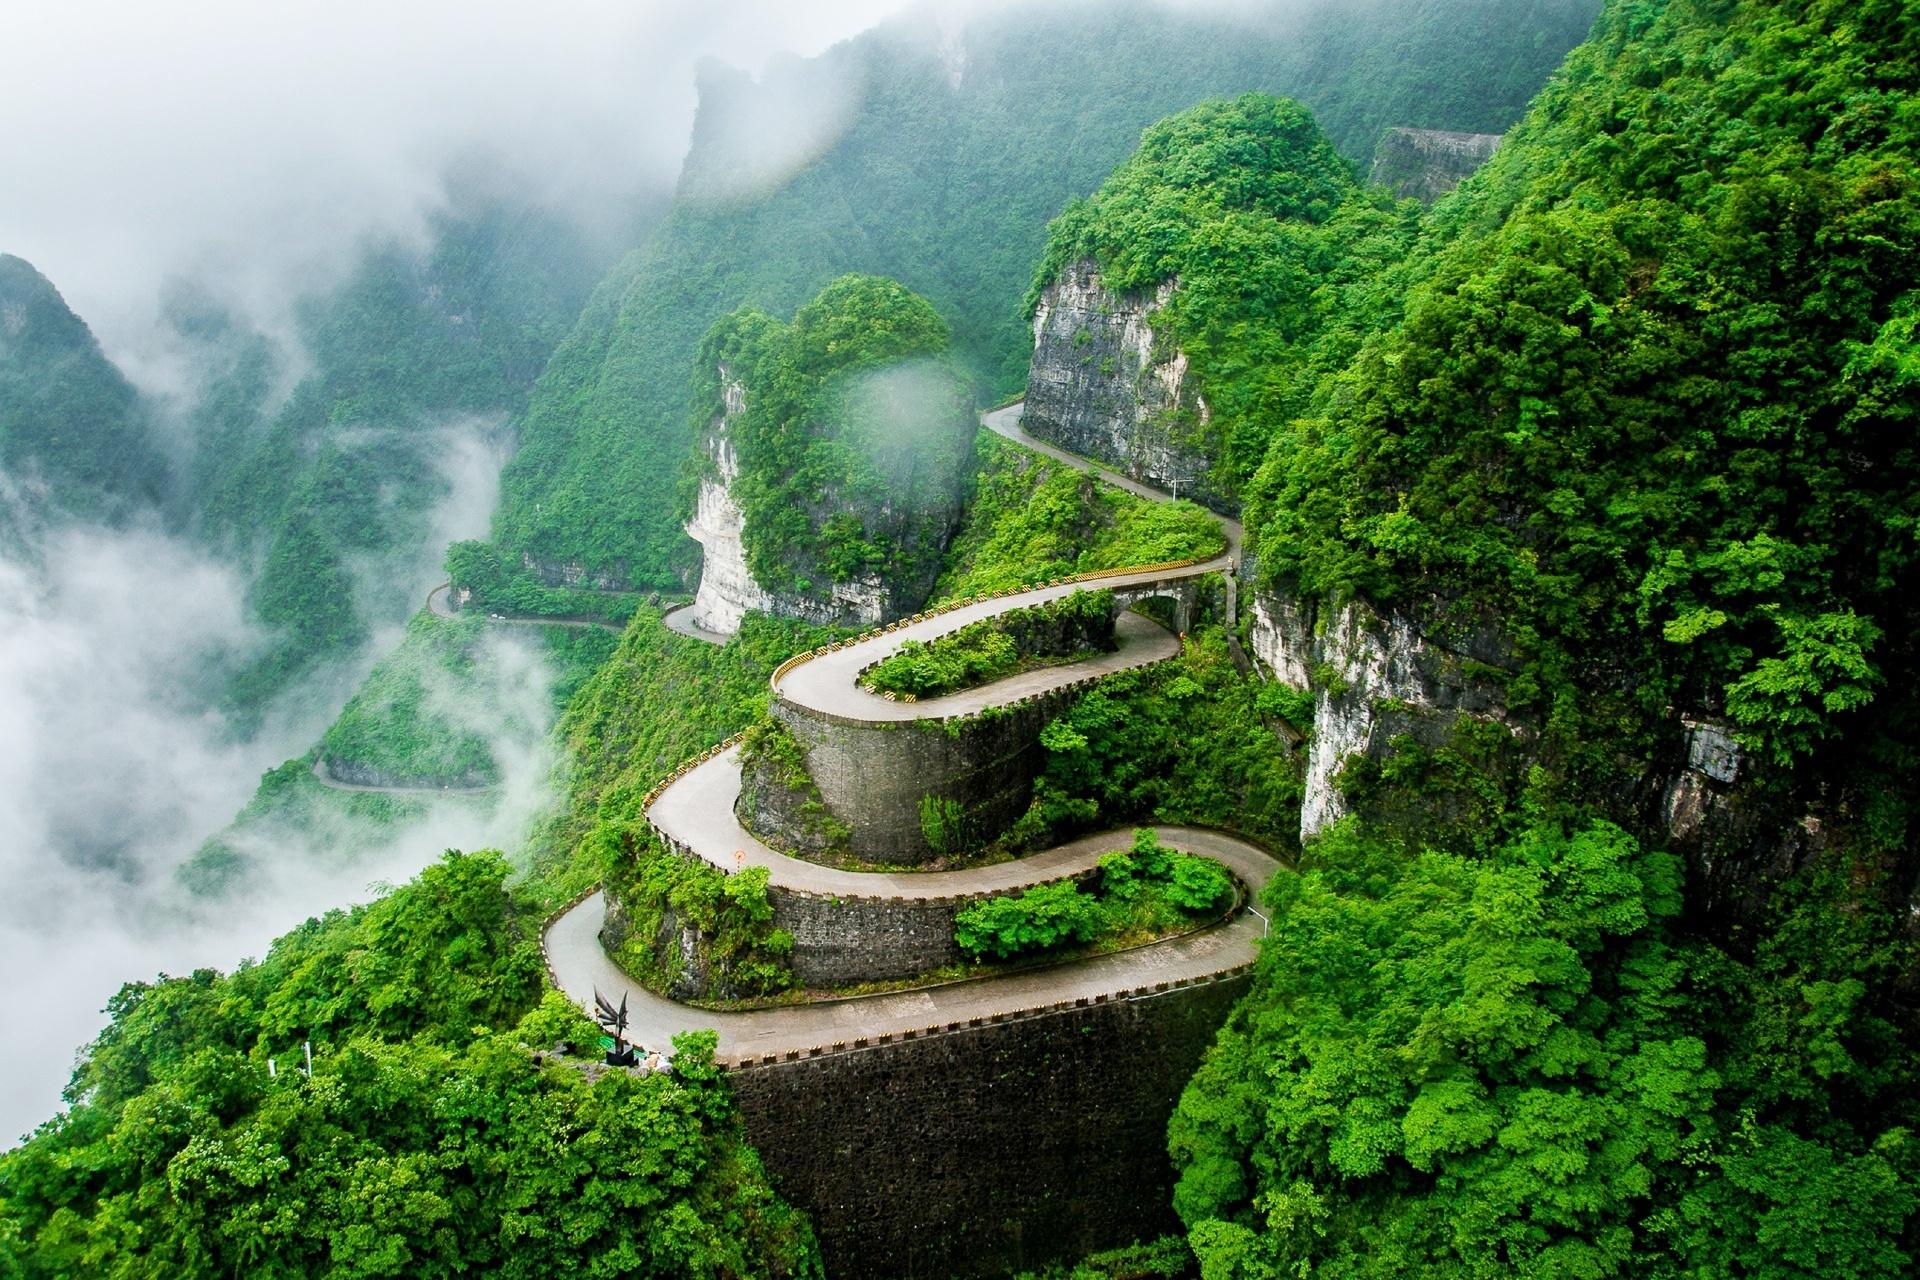 天門山 雲霧の中の道 中国の風景